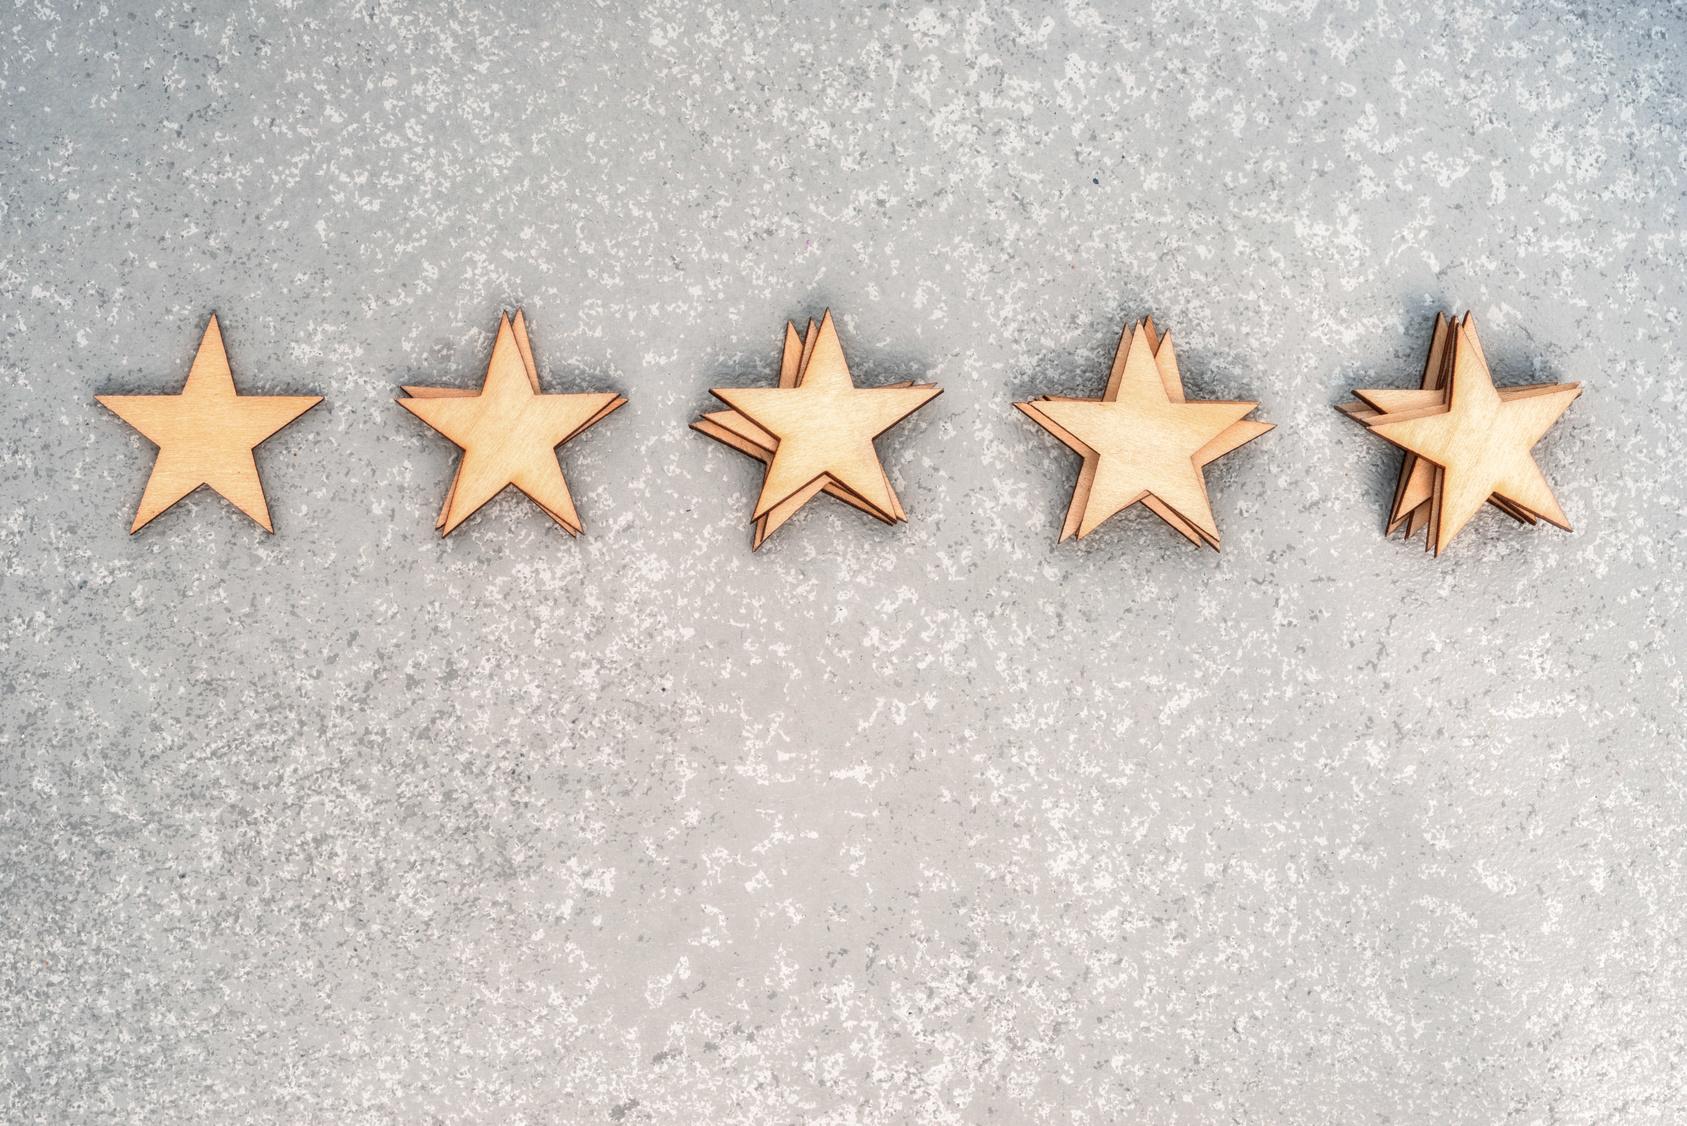 Optimize low Quality Score